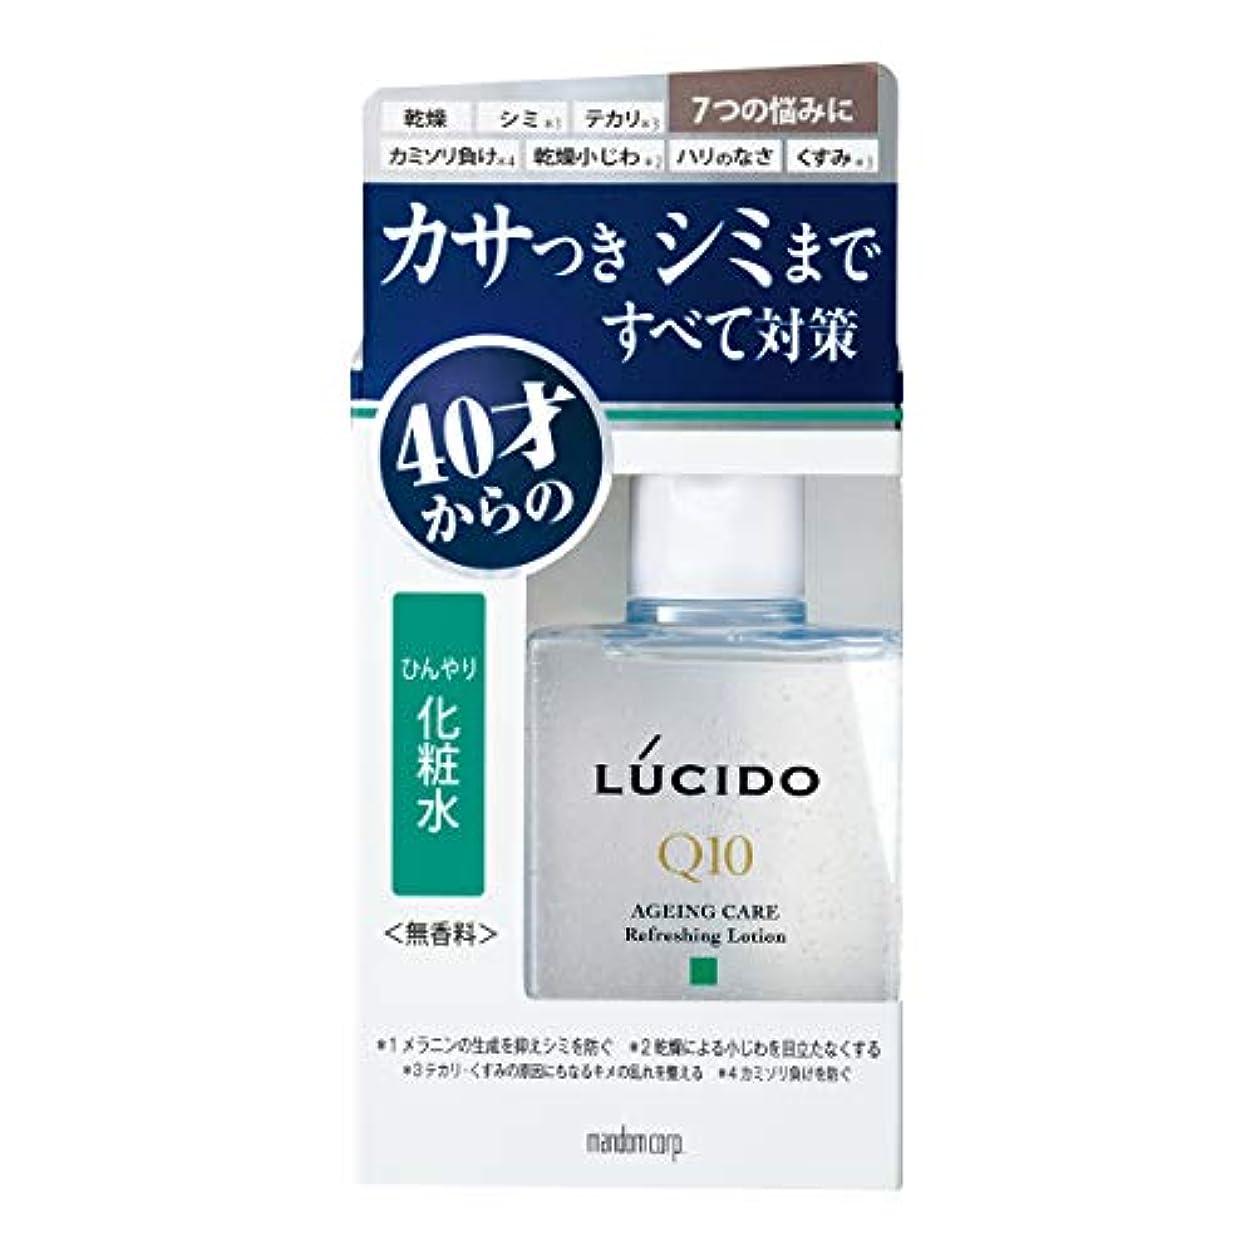 関税コスト自分を引き上げるルシード(LUCIDO)薬用 トータルケアひんやり化粧水 メンズ スキンケア さっぱり 110ml(医薬部外品)